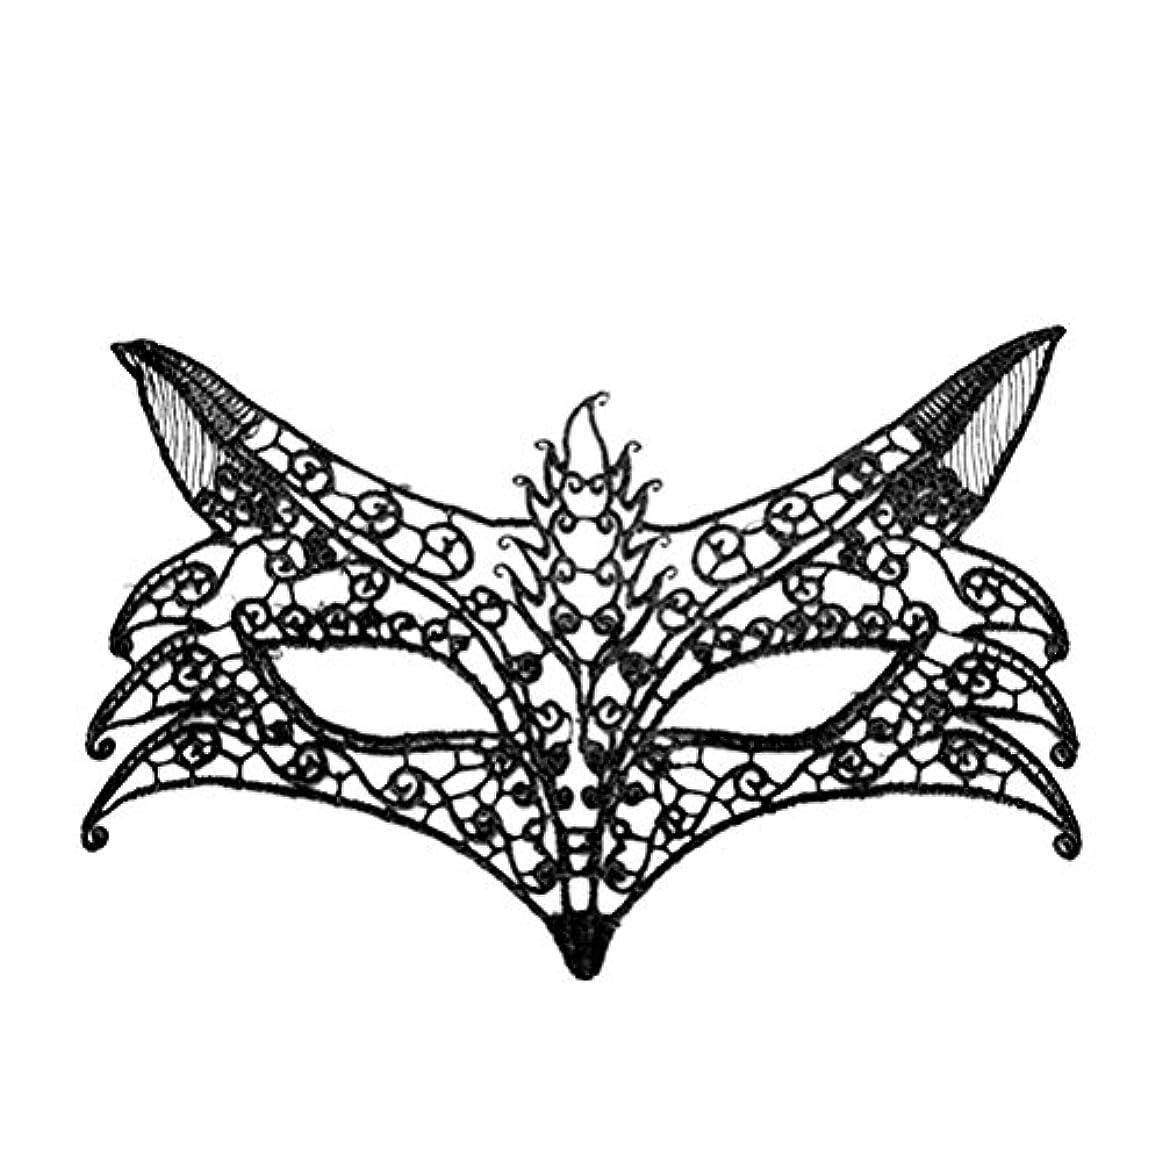 一時的ステープル雪AMOSFUN キツネの形をしたレースパーティーマスクイブニングパーティーウエディングマスカレードマスク(ブラック)